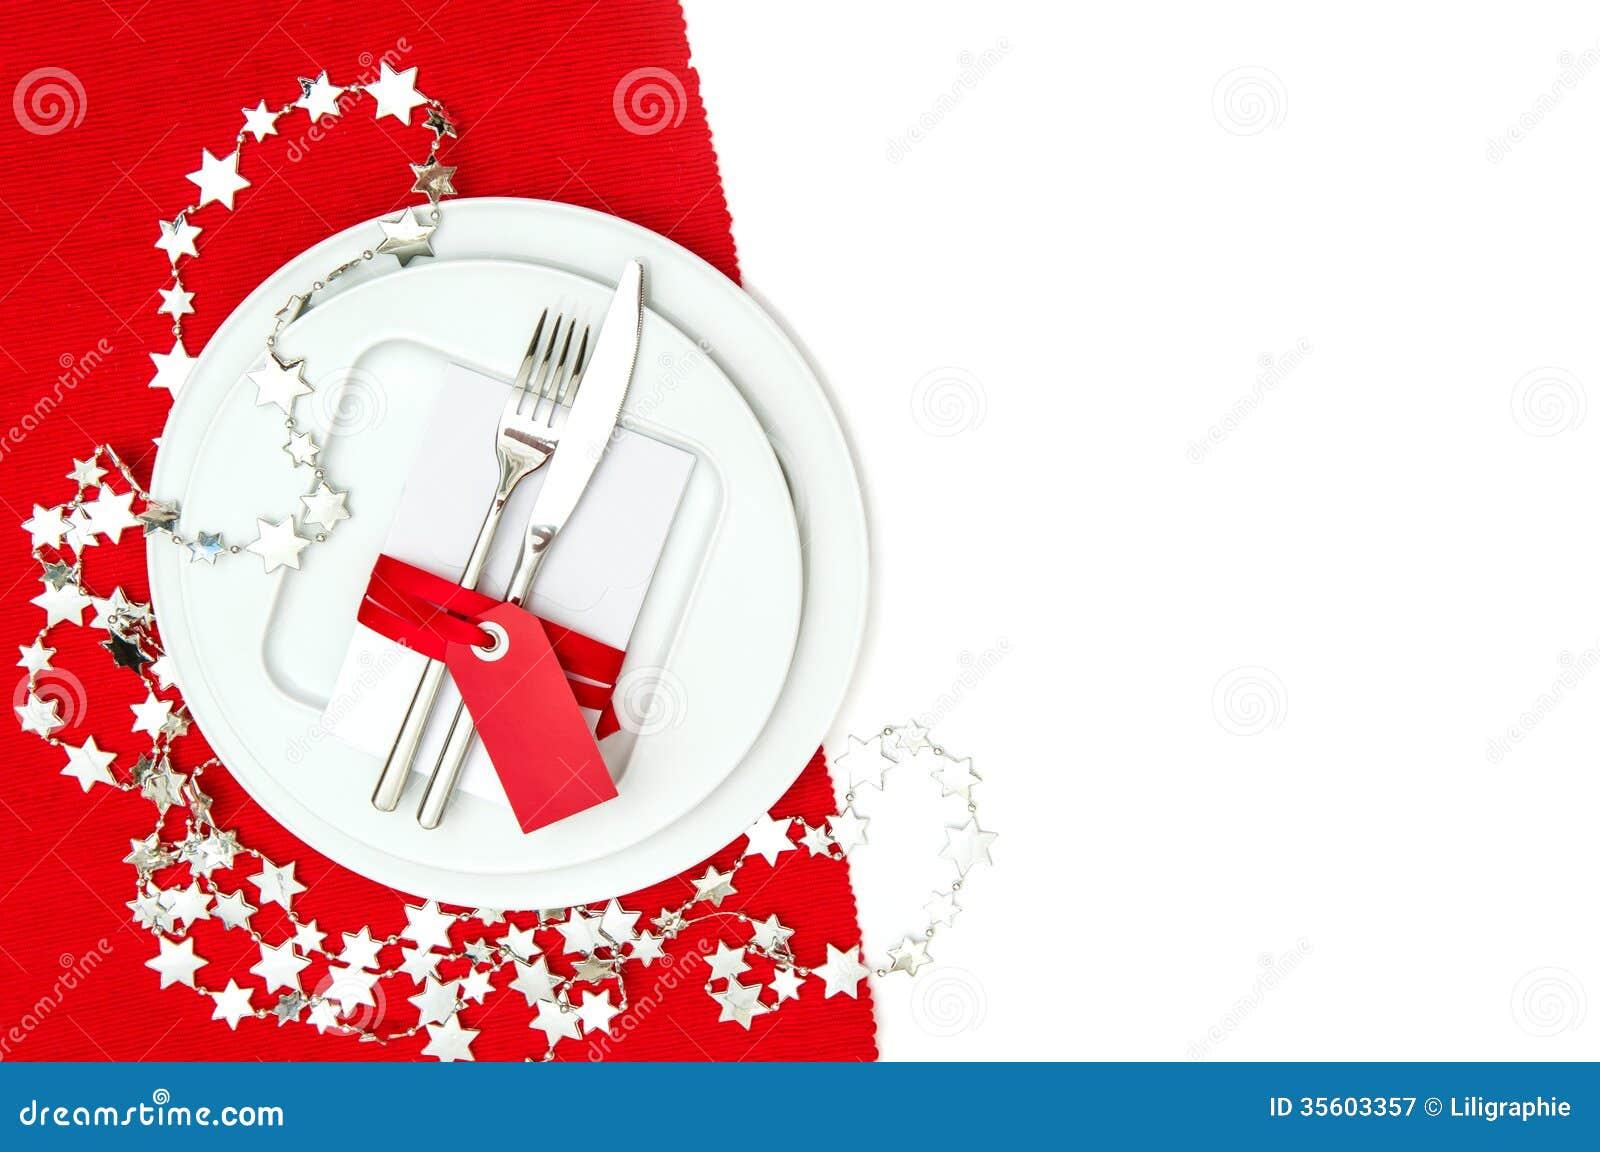 Décoration De Couvert De Table De Noël En Rouge Et Argent